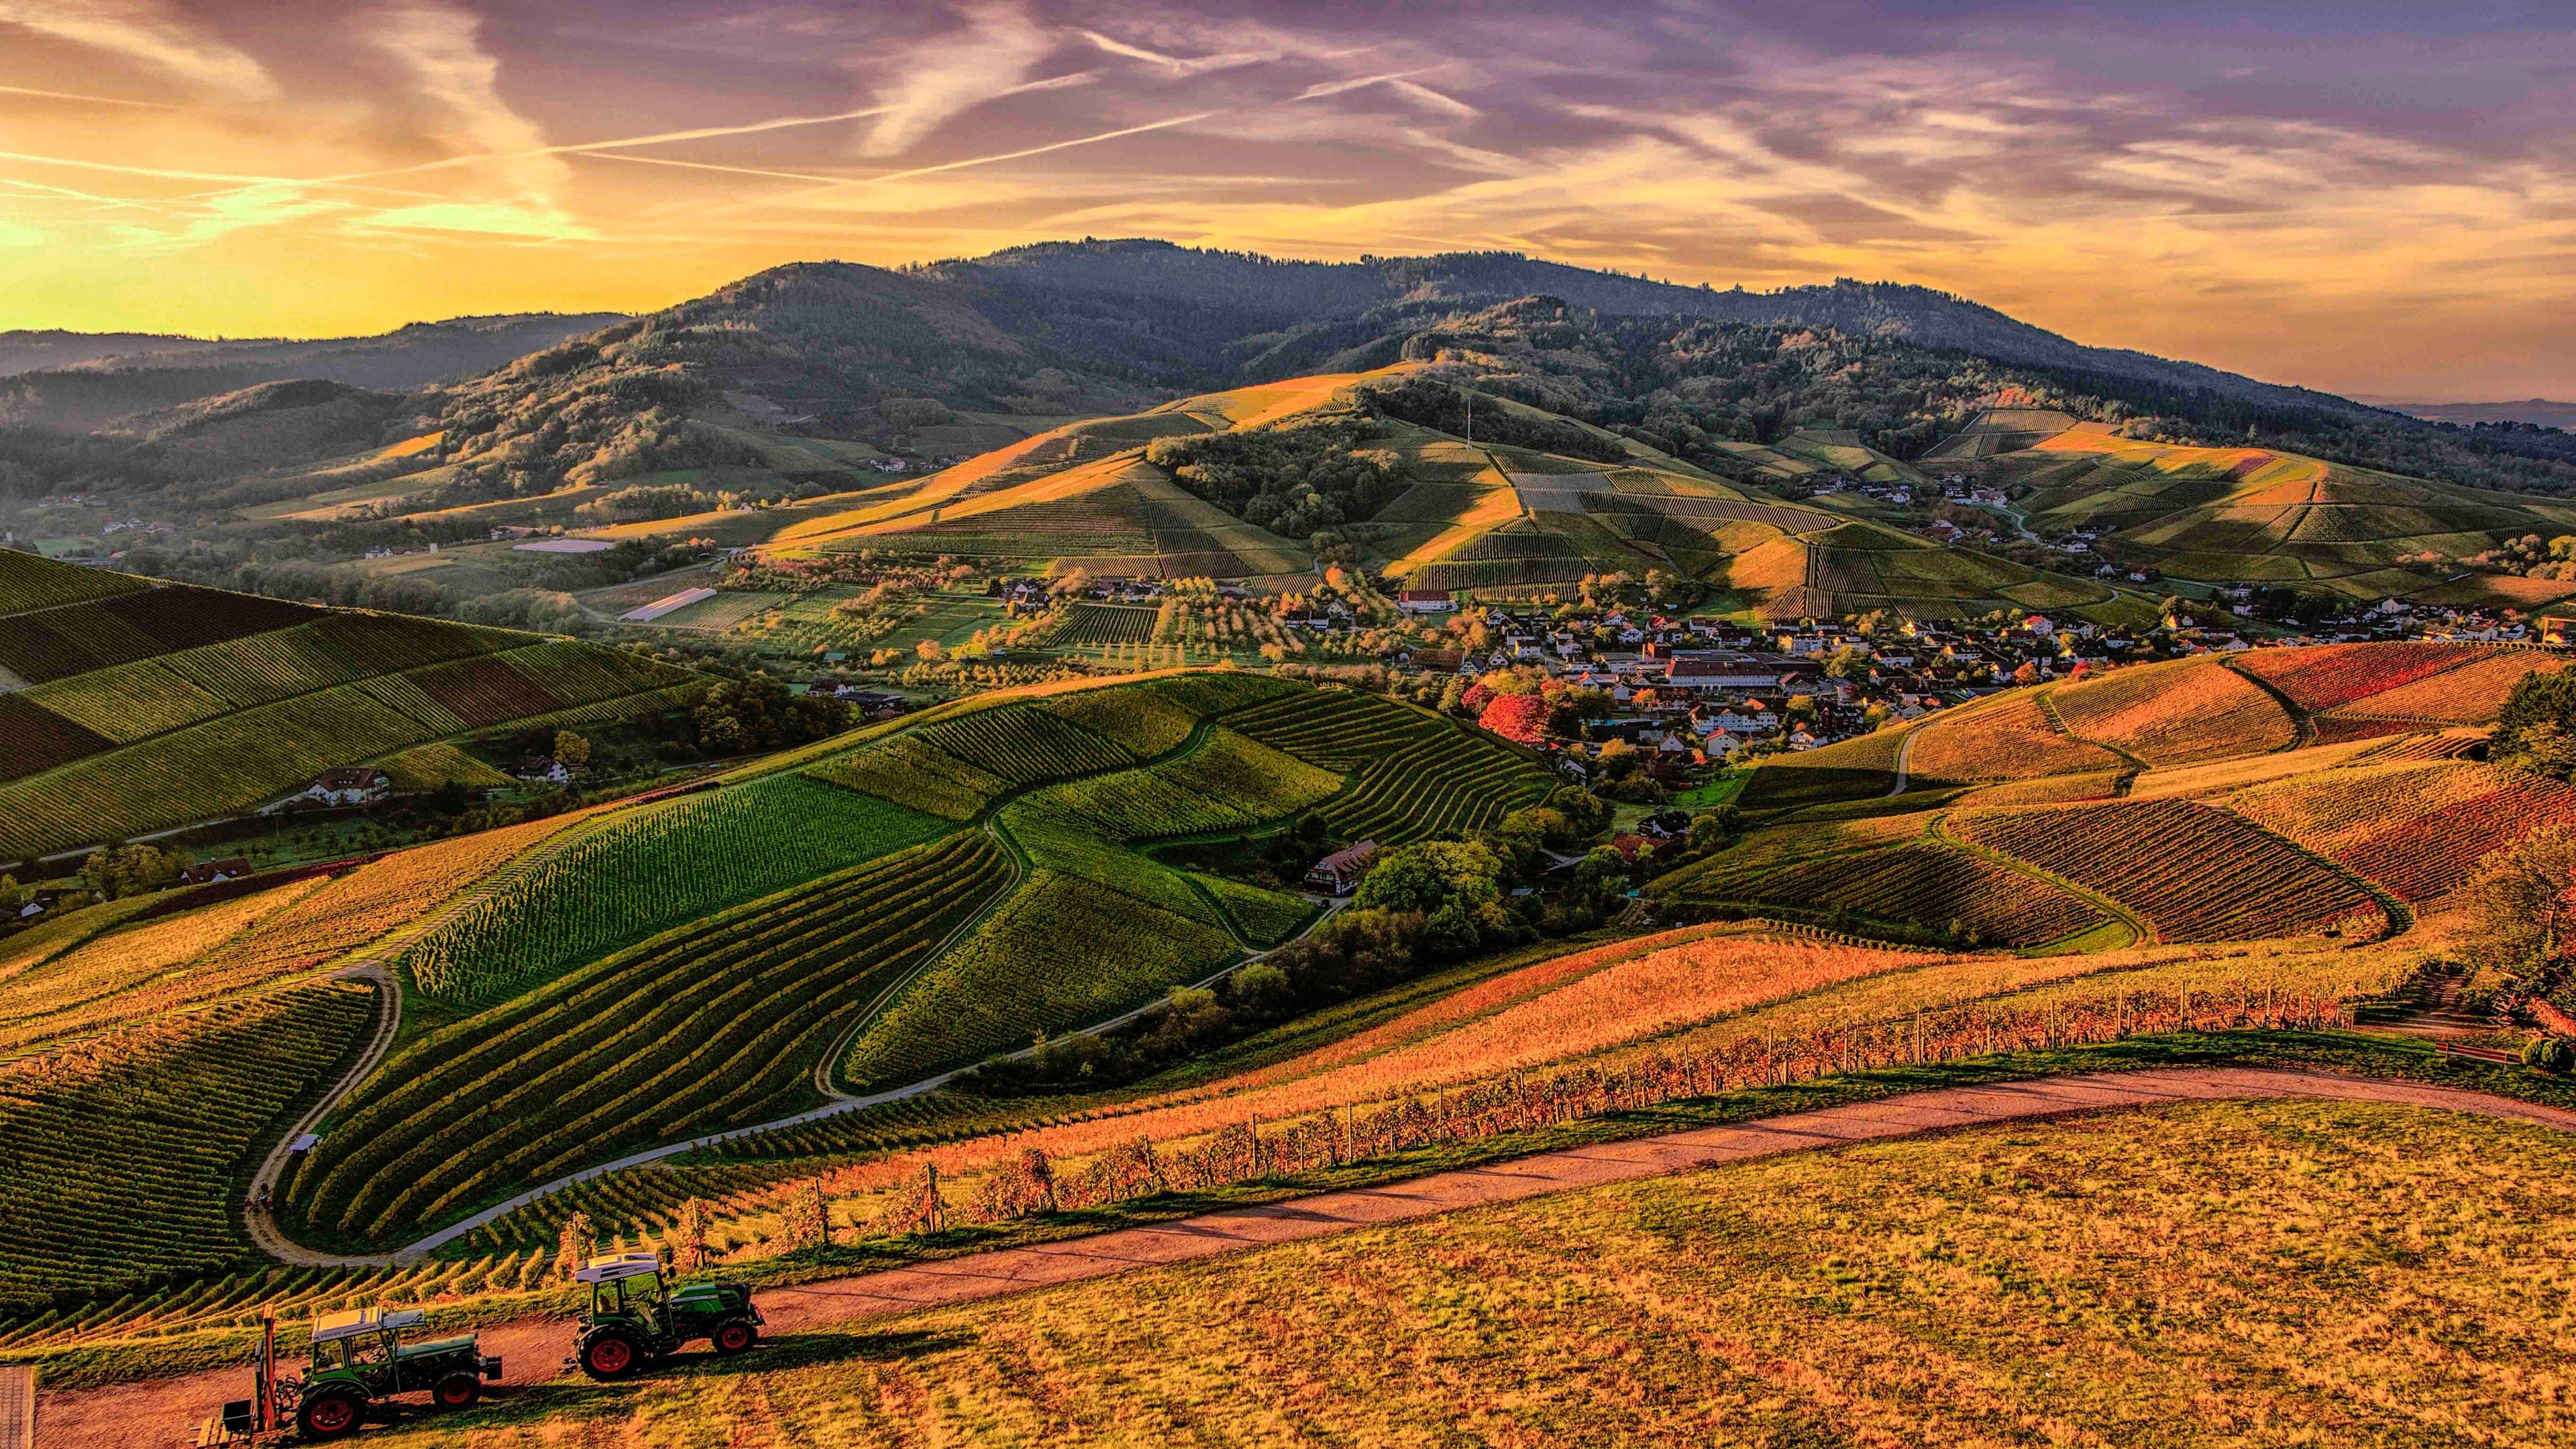 Hình nền phong cảnh thiên nhiên 4K đẹp